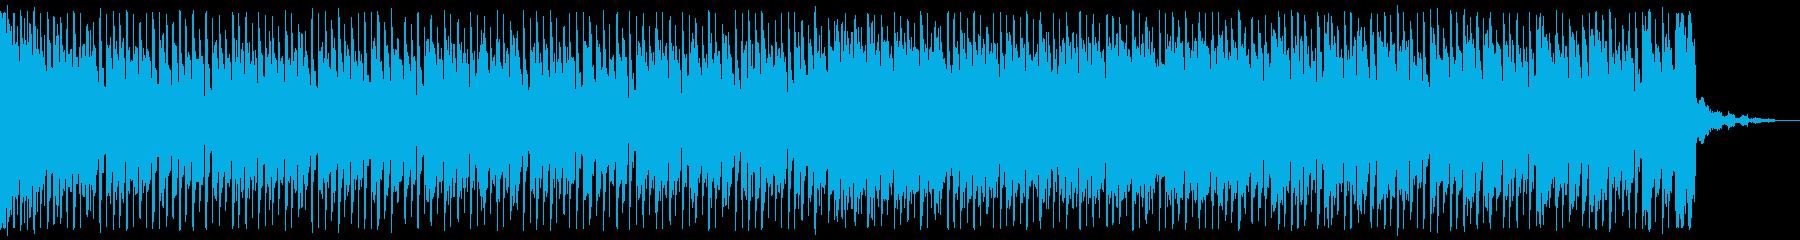 キラキラ。アパレル。ディスコ。3の再生済みの波形